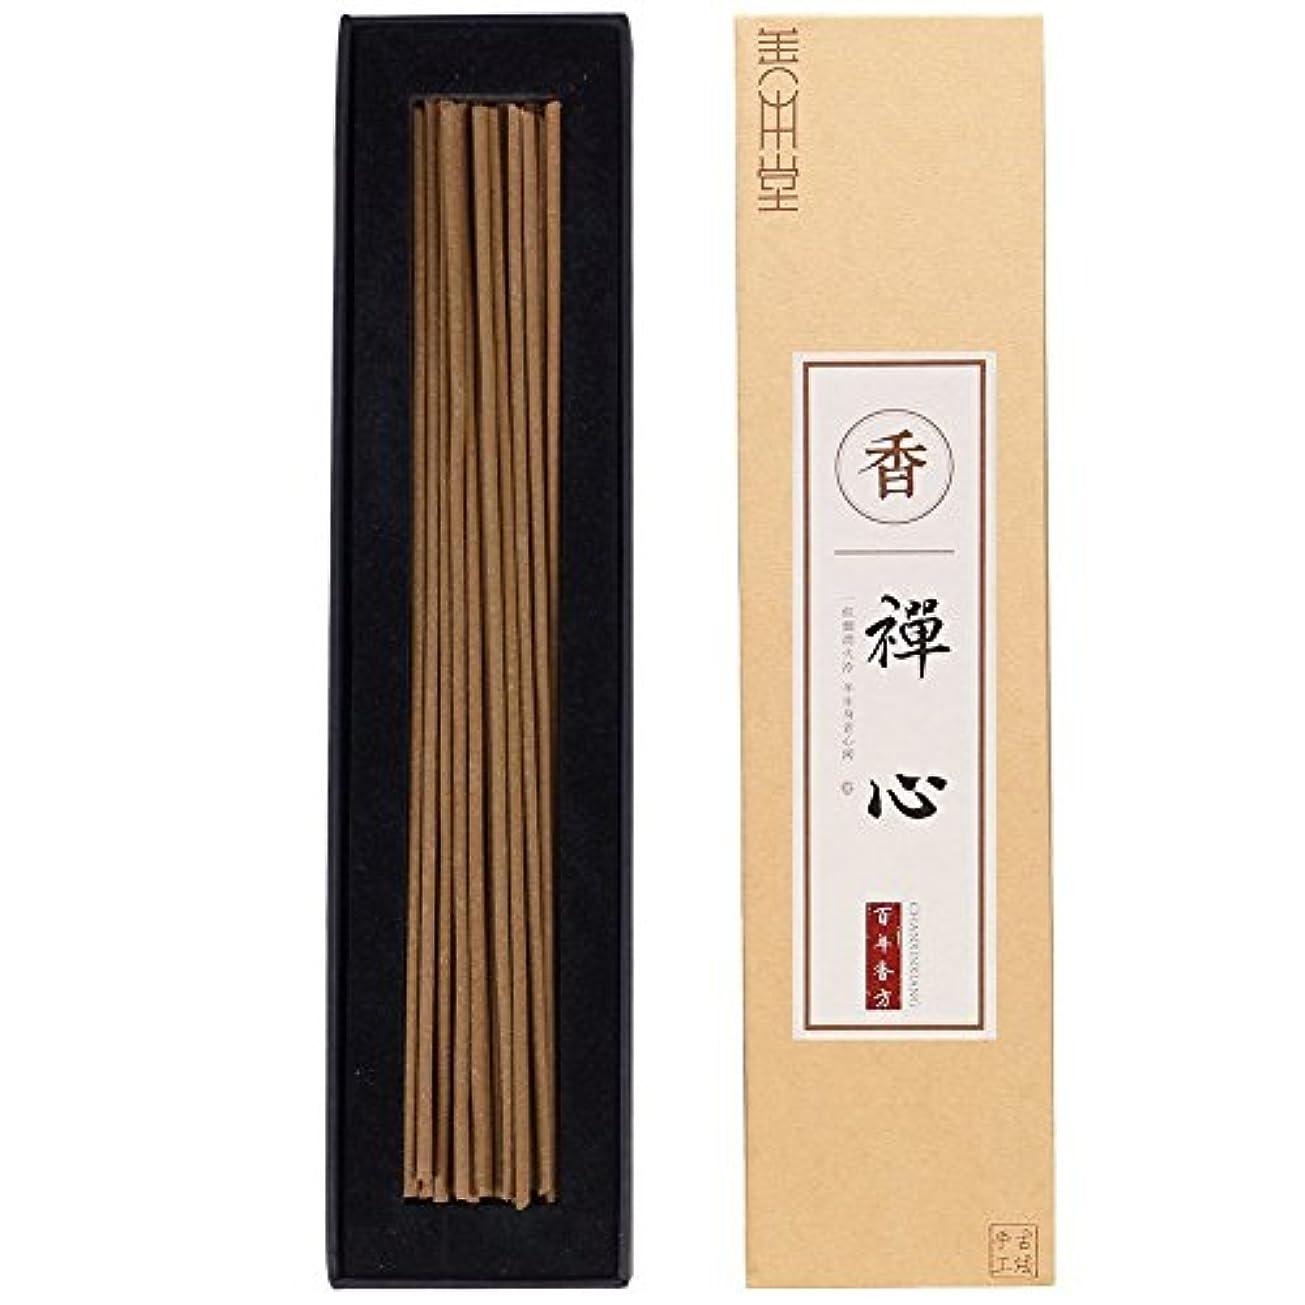 お香スティック 手作り お香 100分間燃焼 (8.26インチ/50本)